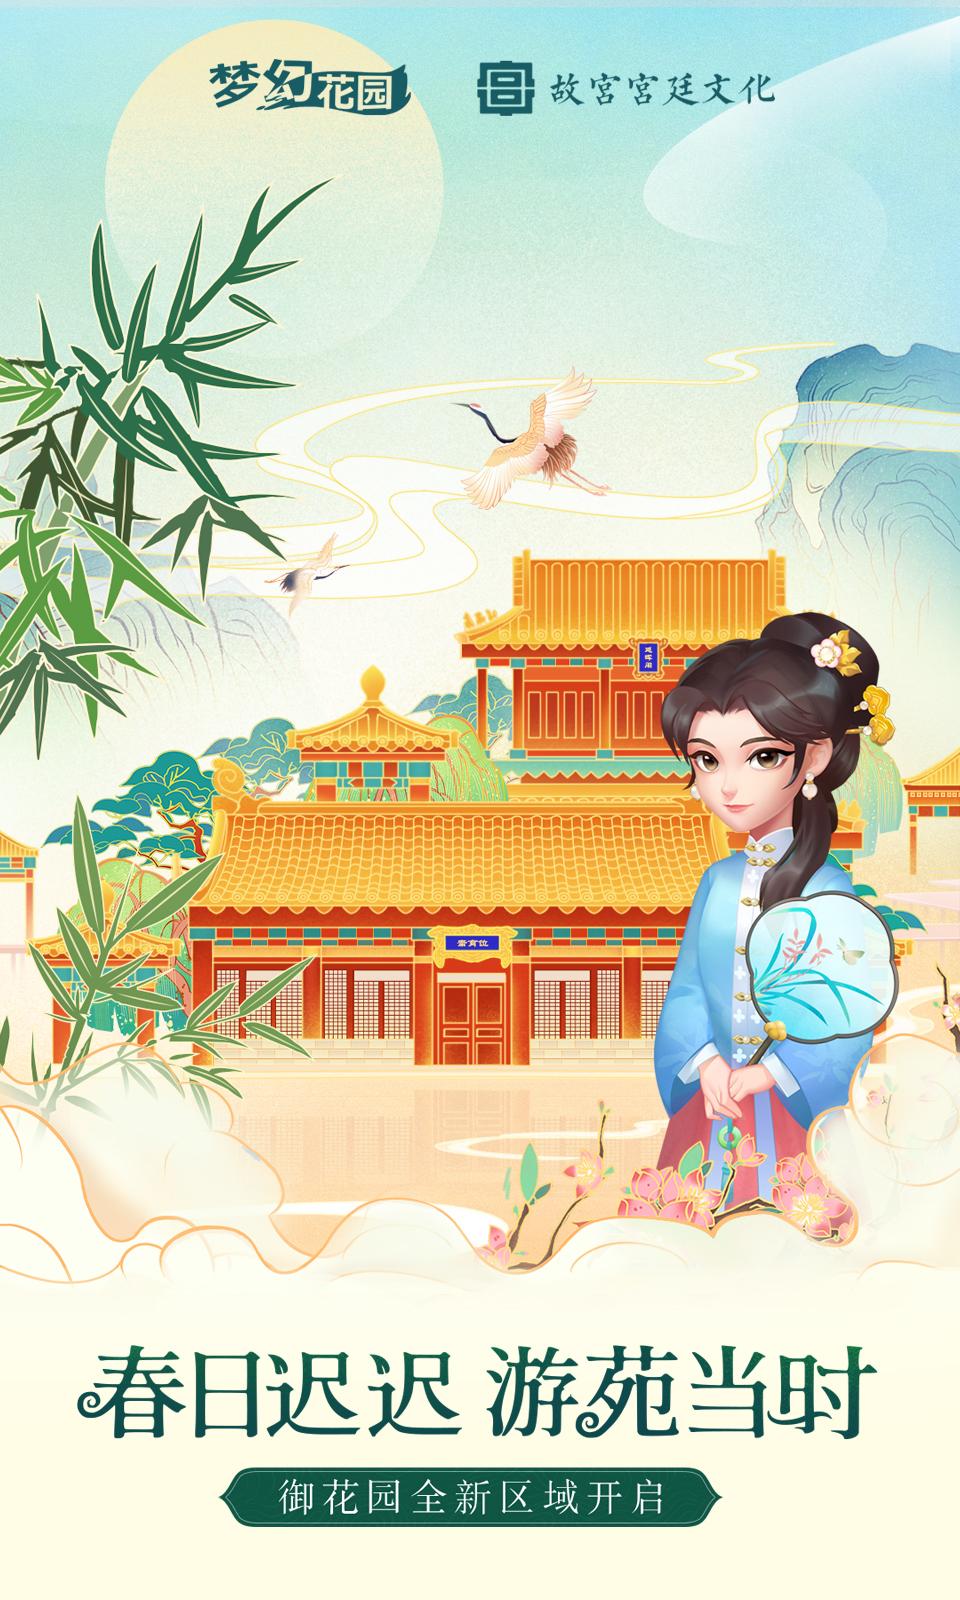 梦幻花园(春日游园)